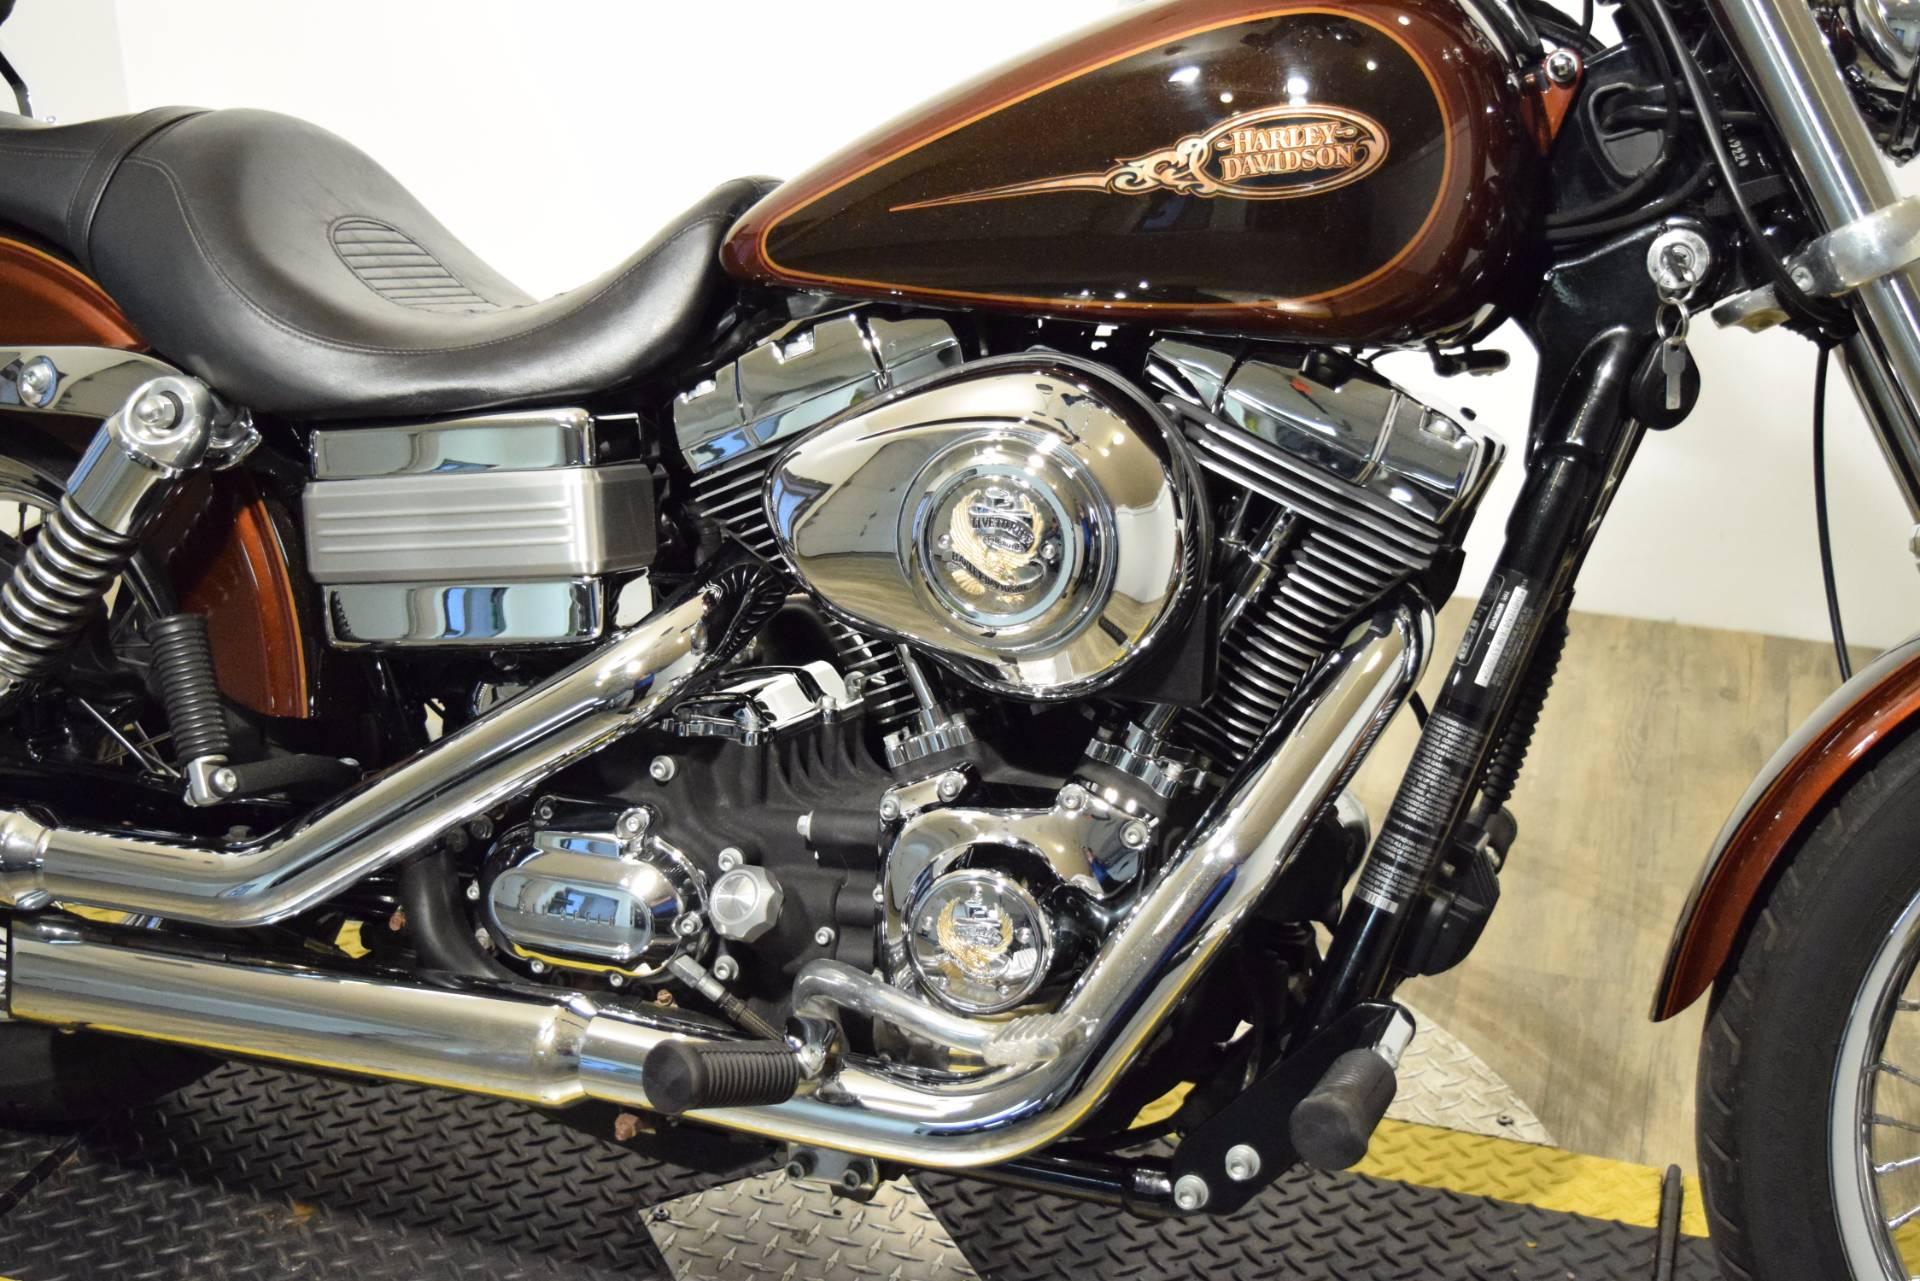 2009 Harley-Davidson Dyna Low Rider 4